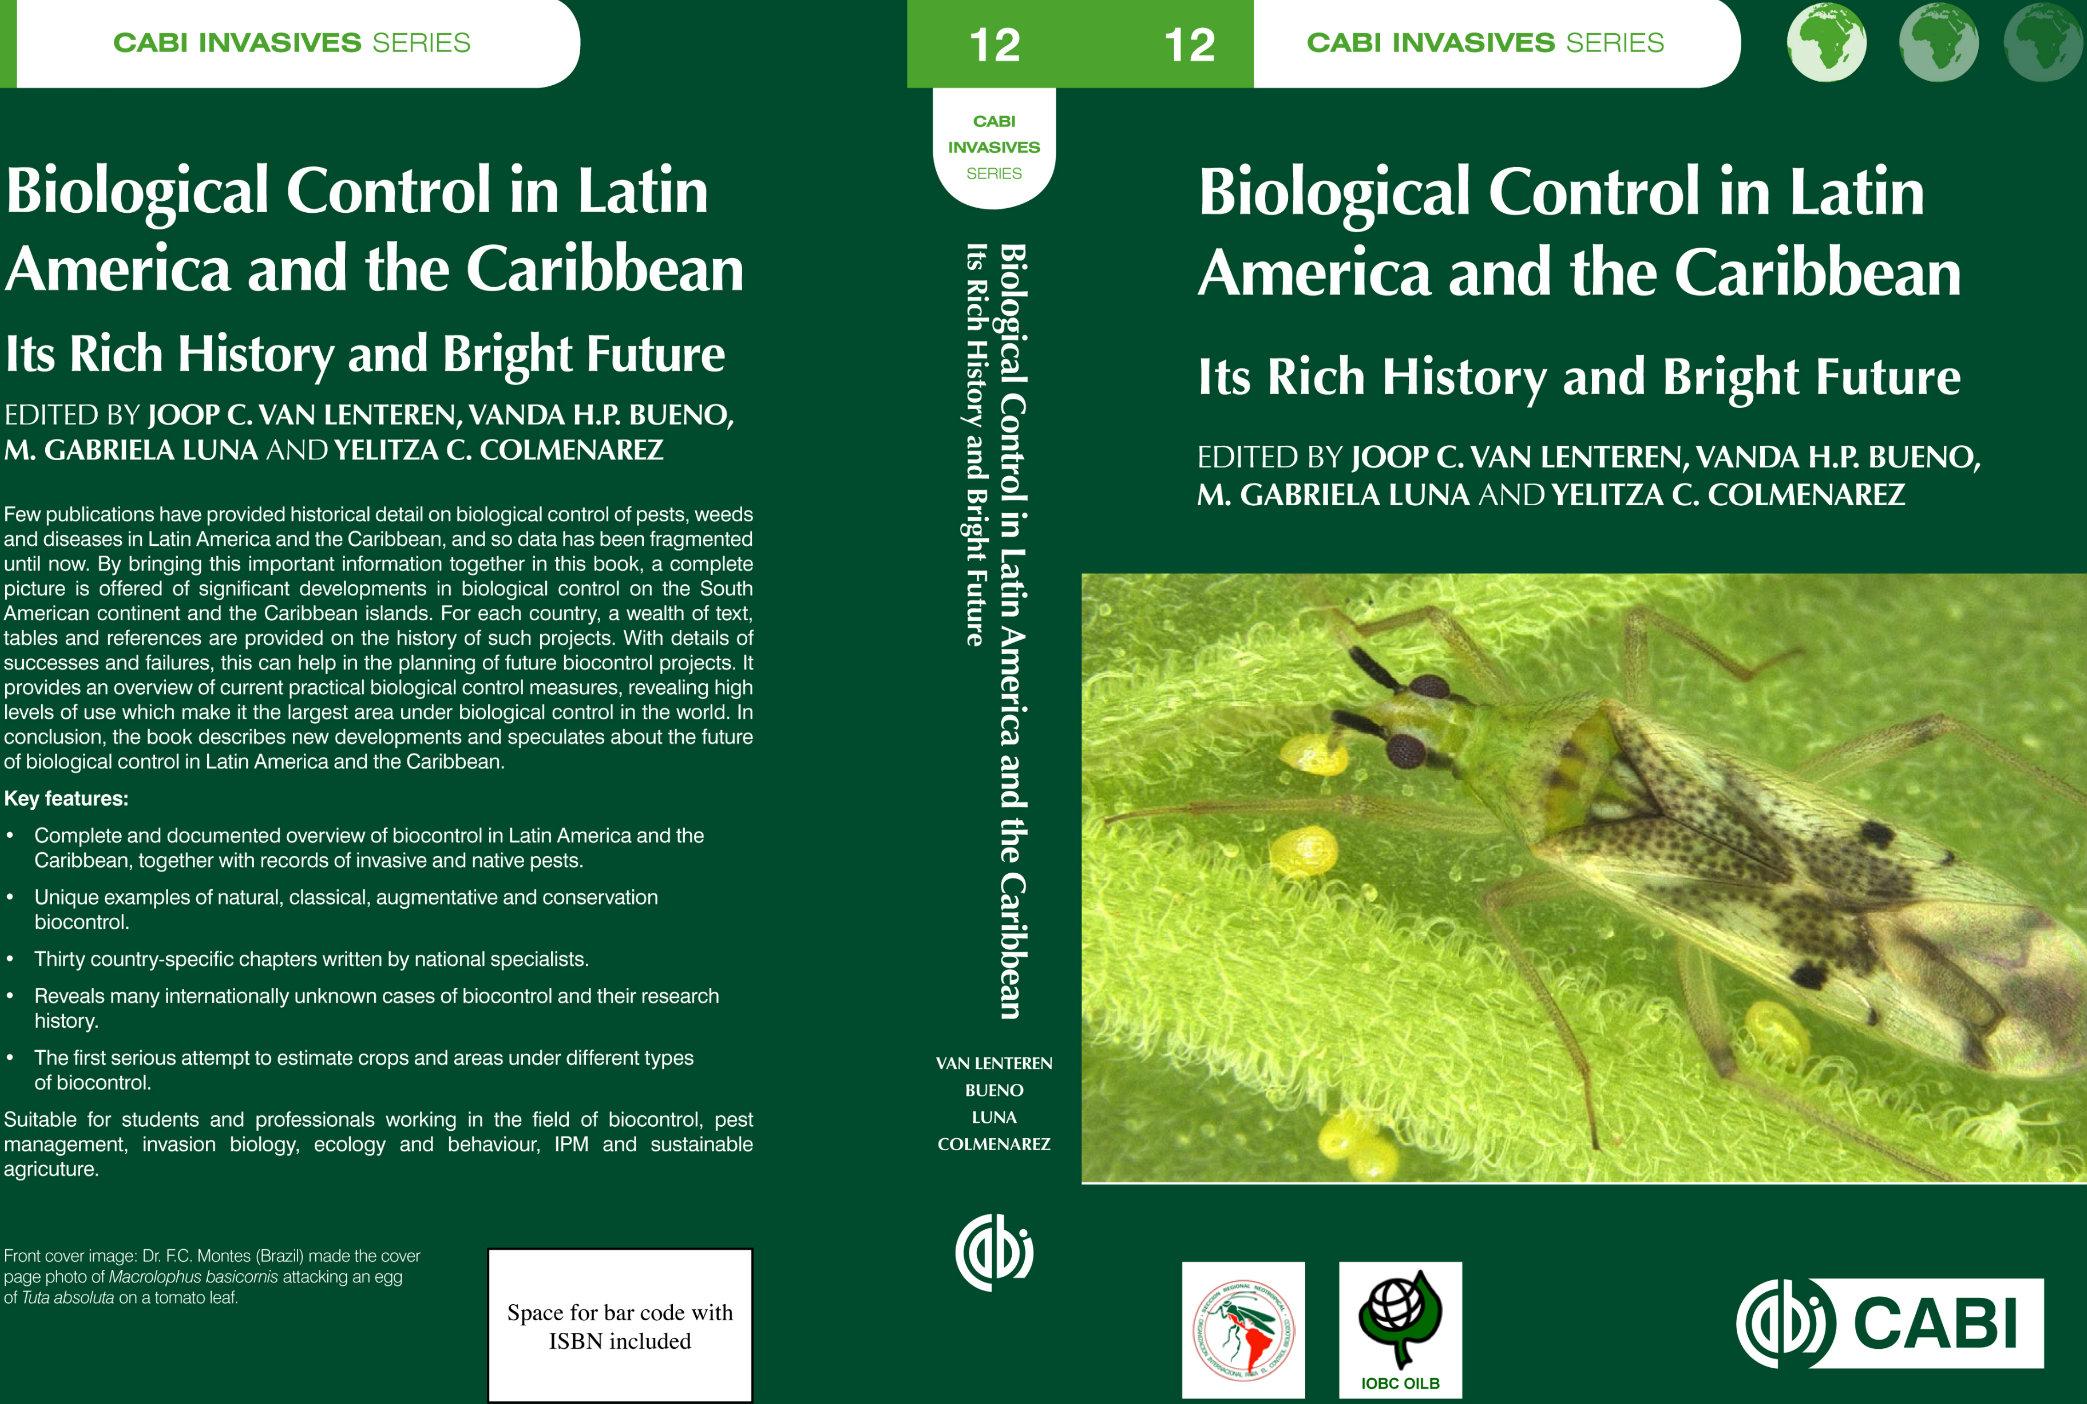 Investigadores de AGROSAVIA participaron en la escritura de nuevo libro sobre control biológico en Latinoamérica y el Caribe